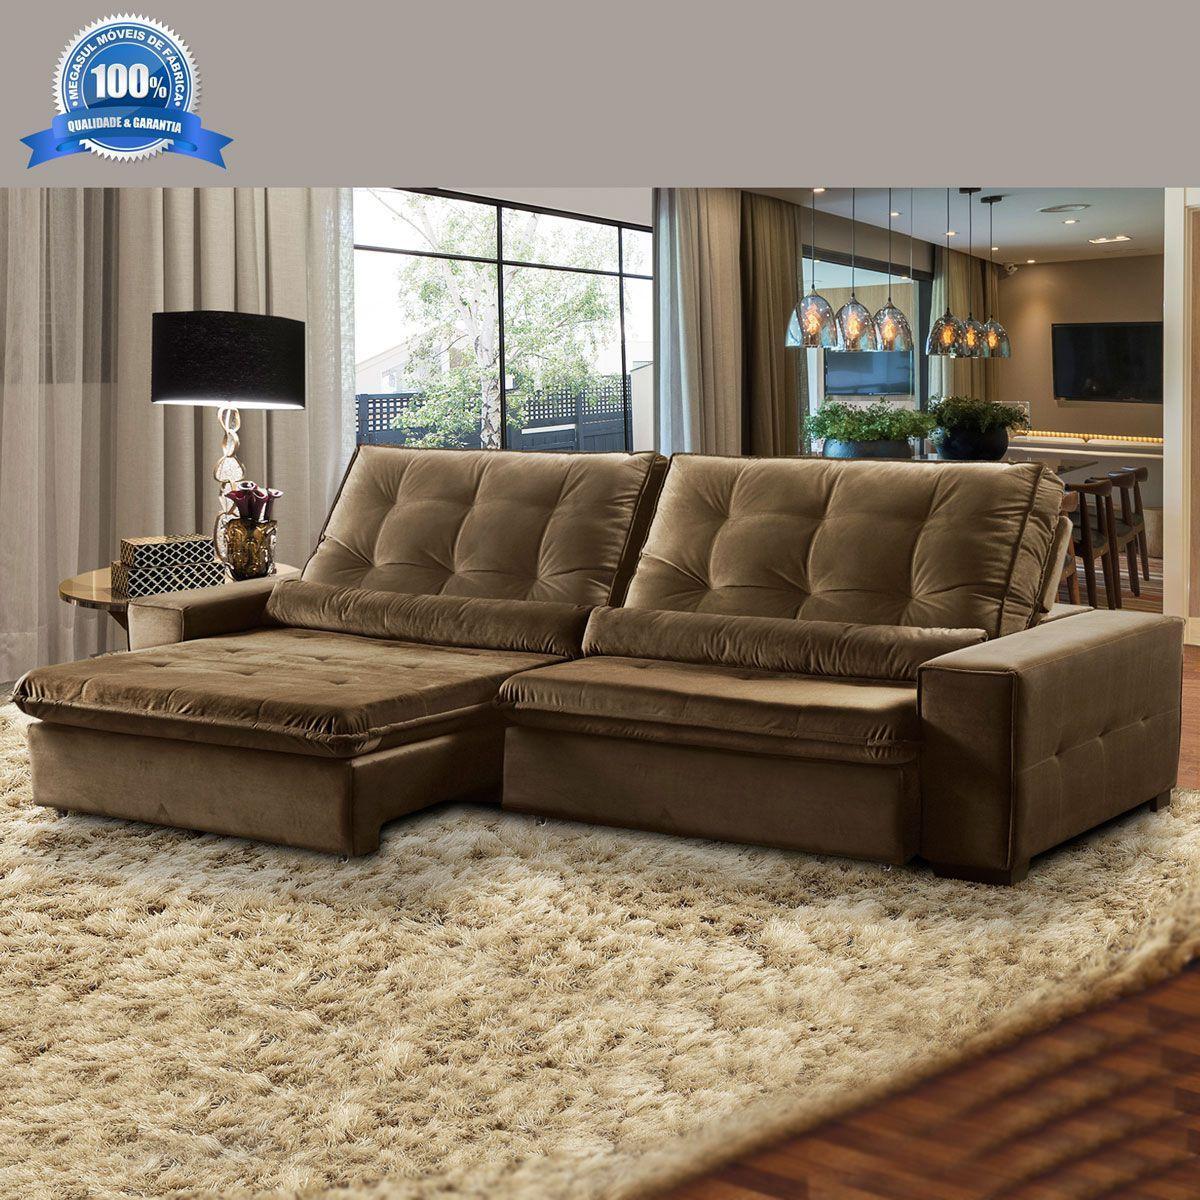 fedc1fb6a Sofá 4 Lugares Retrátil e Reclinável Assento Super Pillow 270x180 cm  Confort Veludo Marrom - MegaSul R  2.997